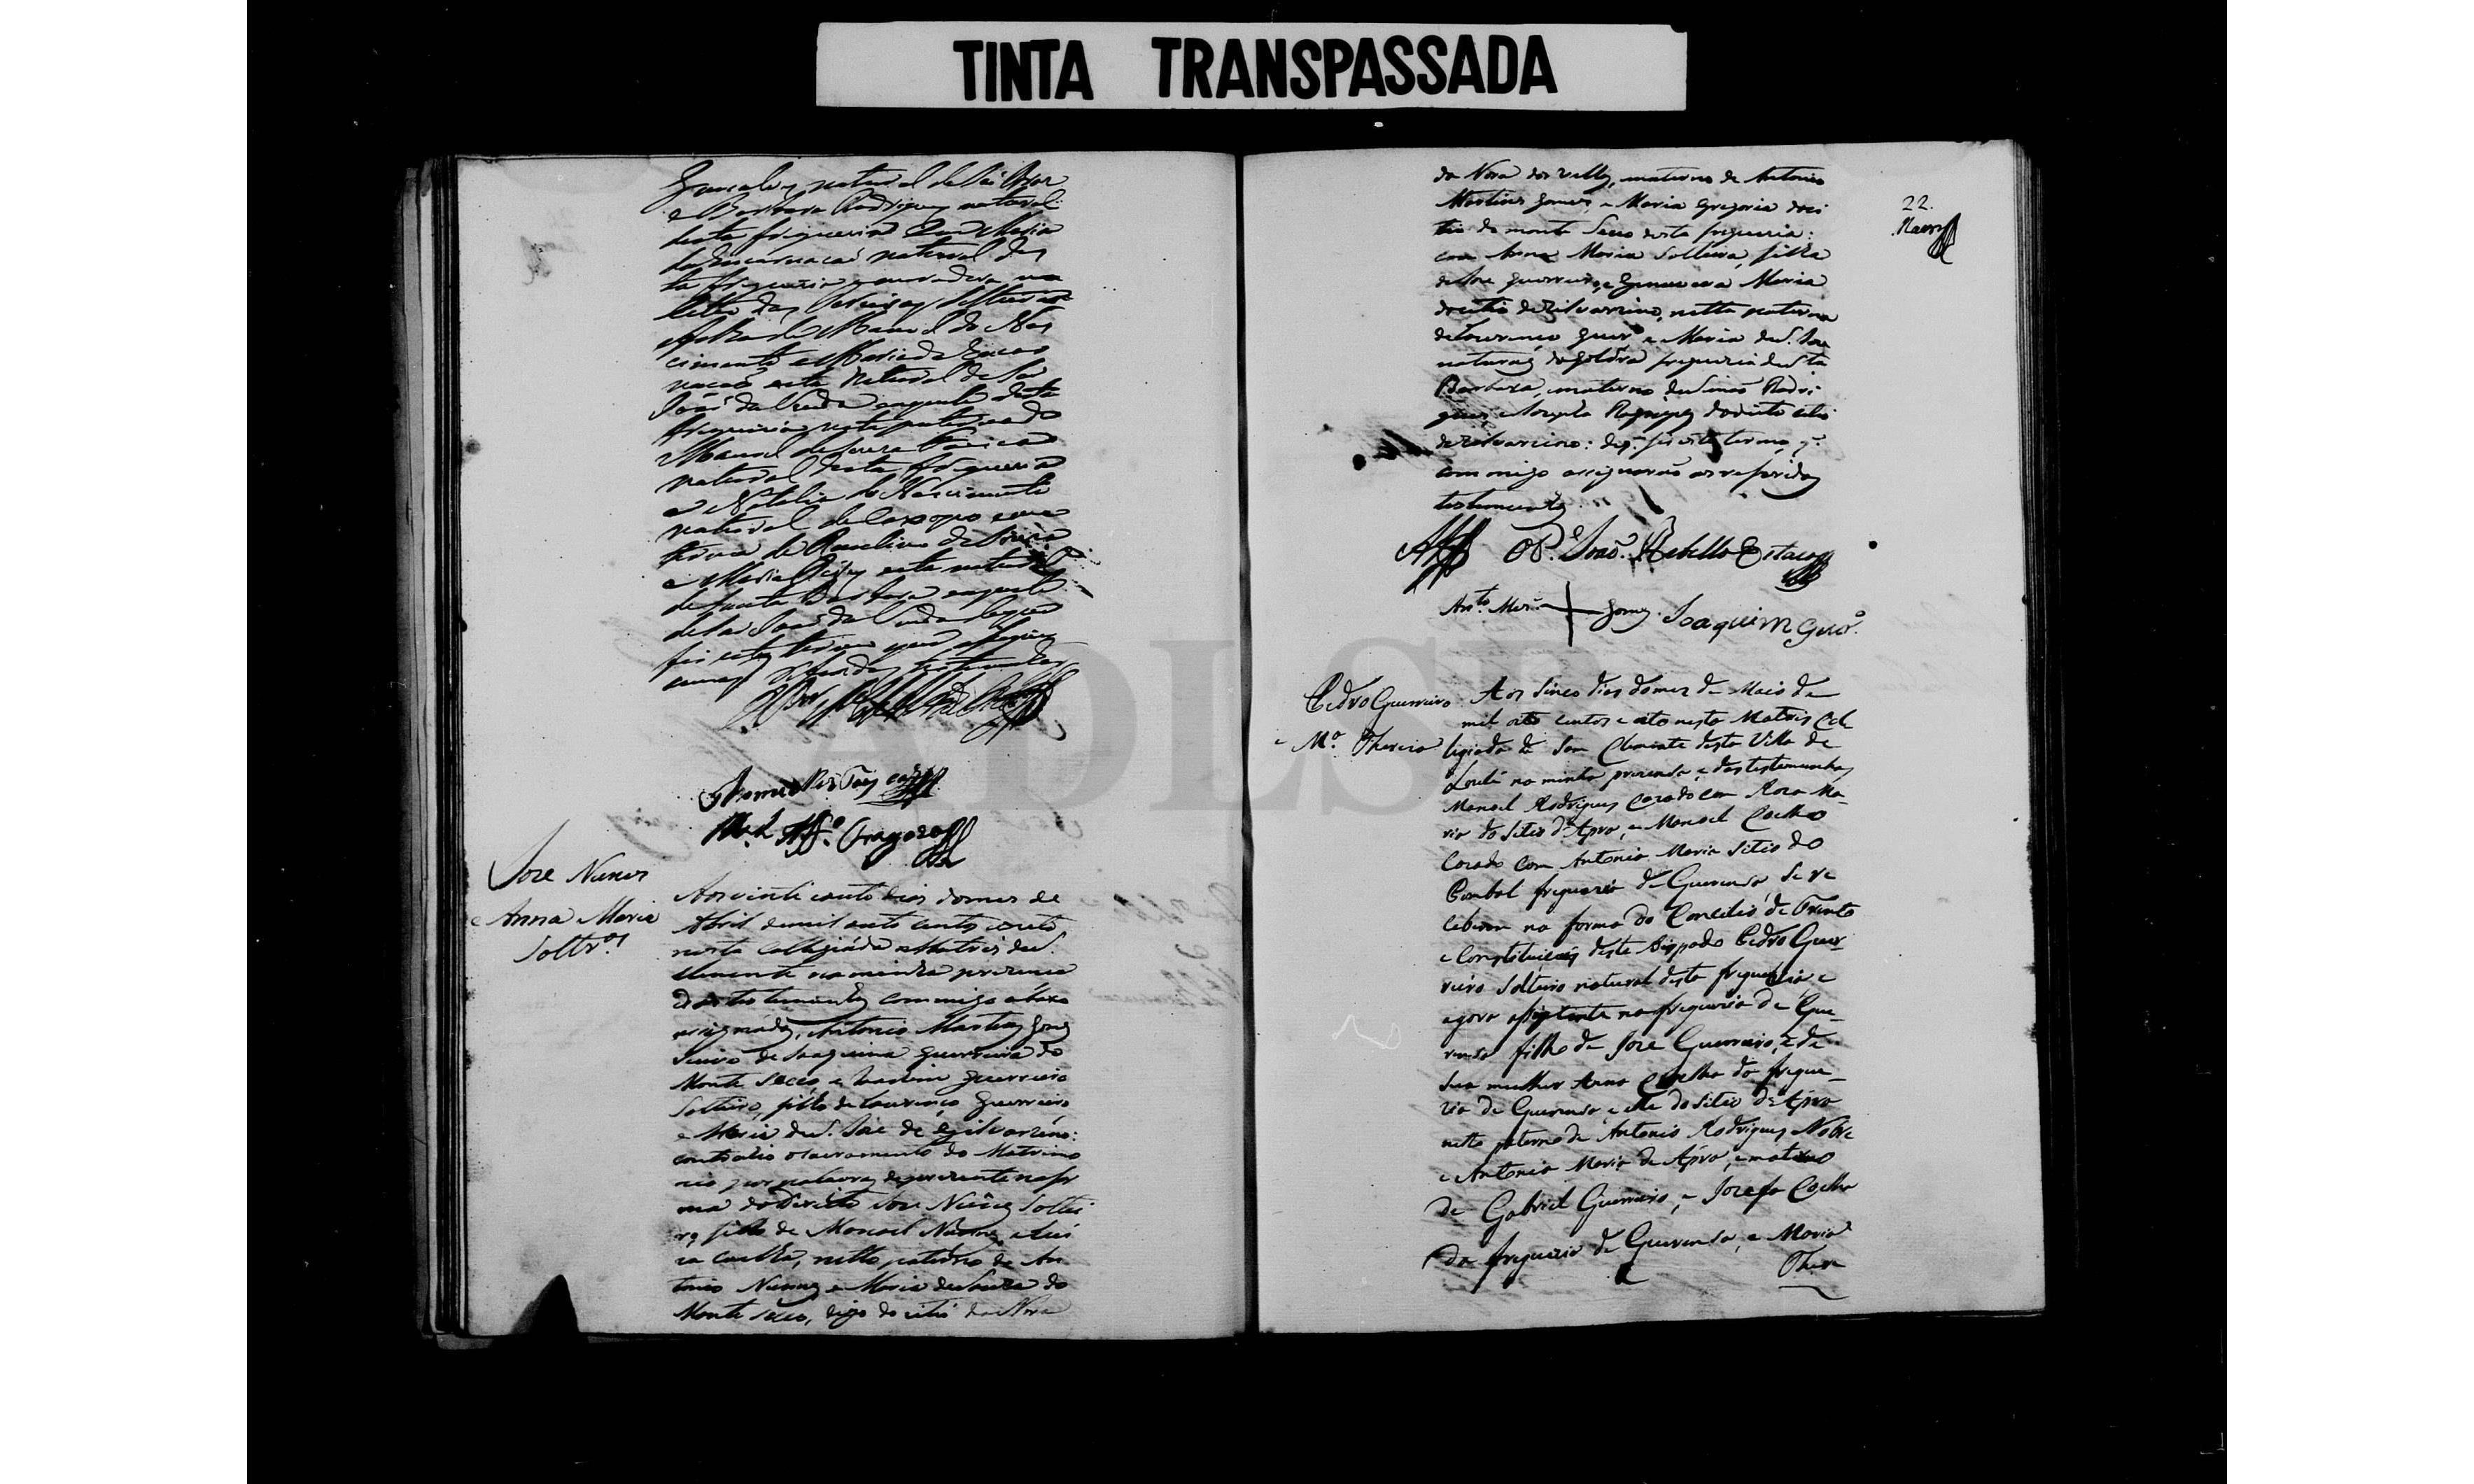 PT-ADLSB-PRQ-PLLE08-002-C11_m0023.jpg - Livro de registo de casamentos - Arquivo Nacional da Torre do Tombo - DigitArq